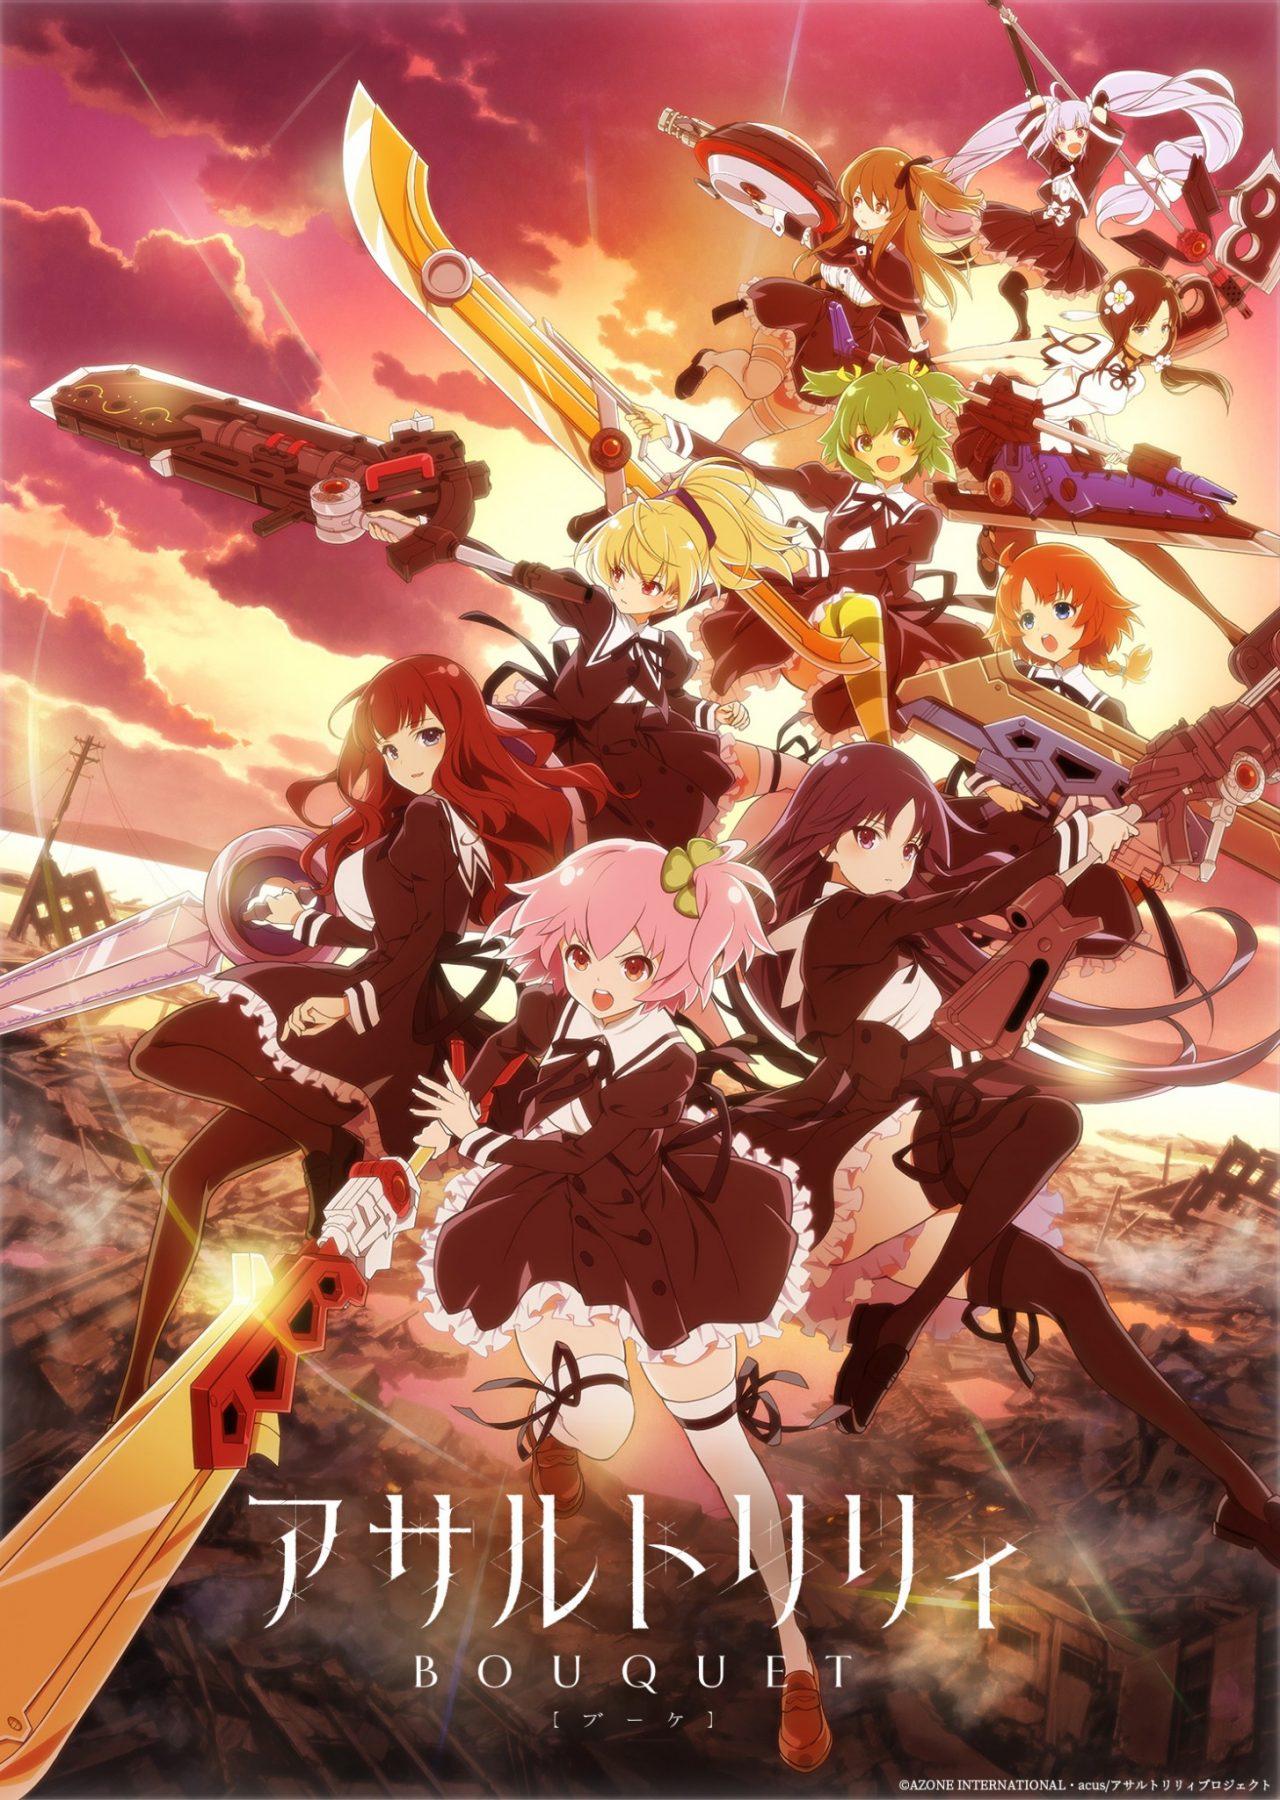 『アサルトリリィ Last Bullet』が2021年1月リリース決定!ストア事前予約開始‼